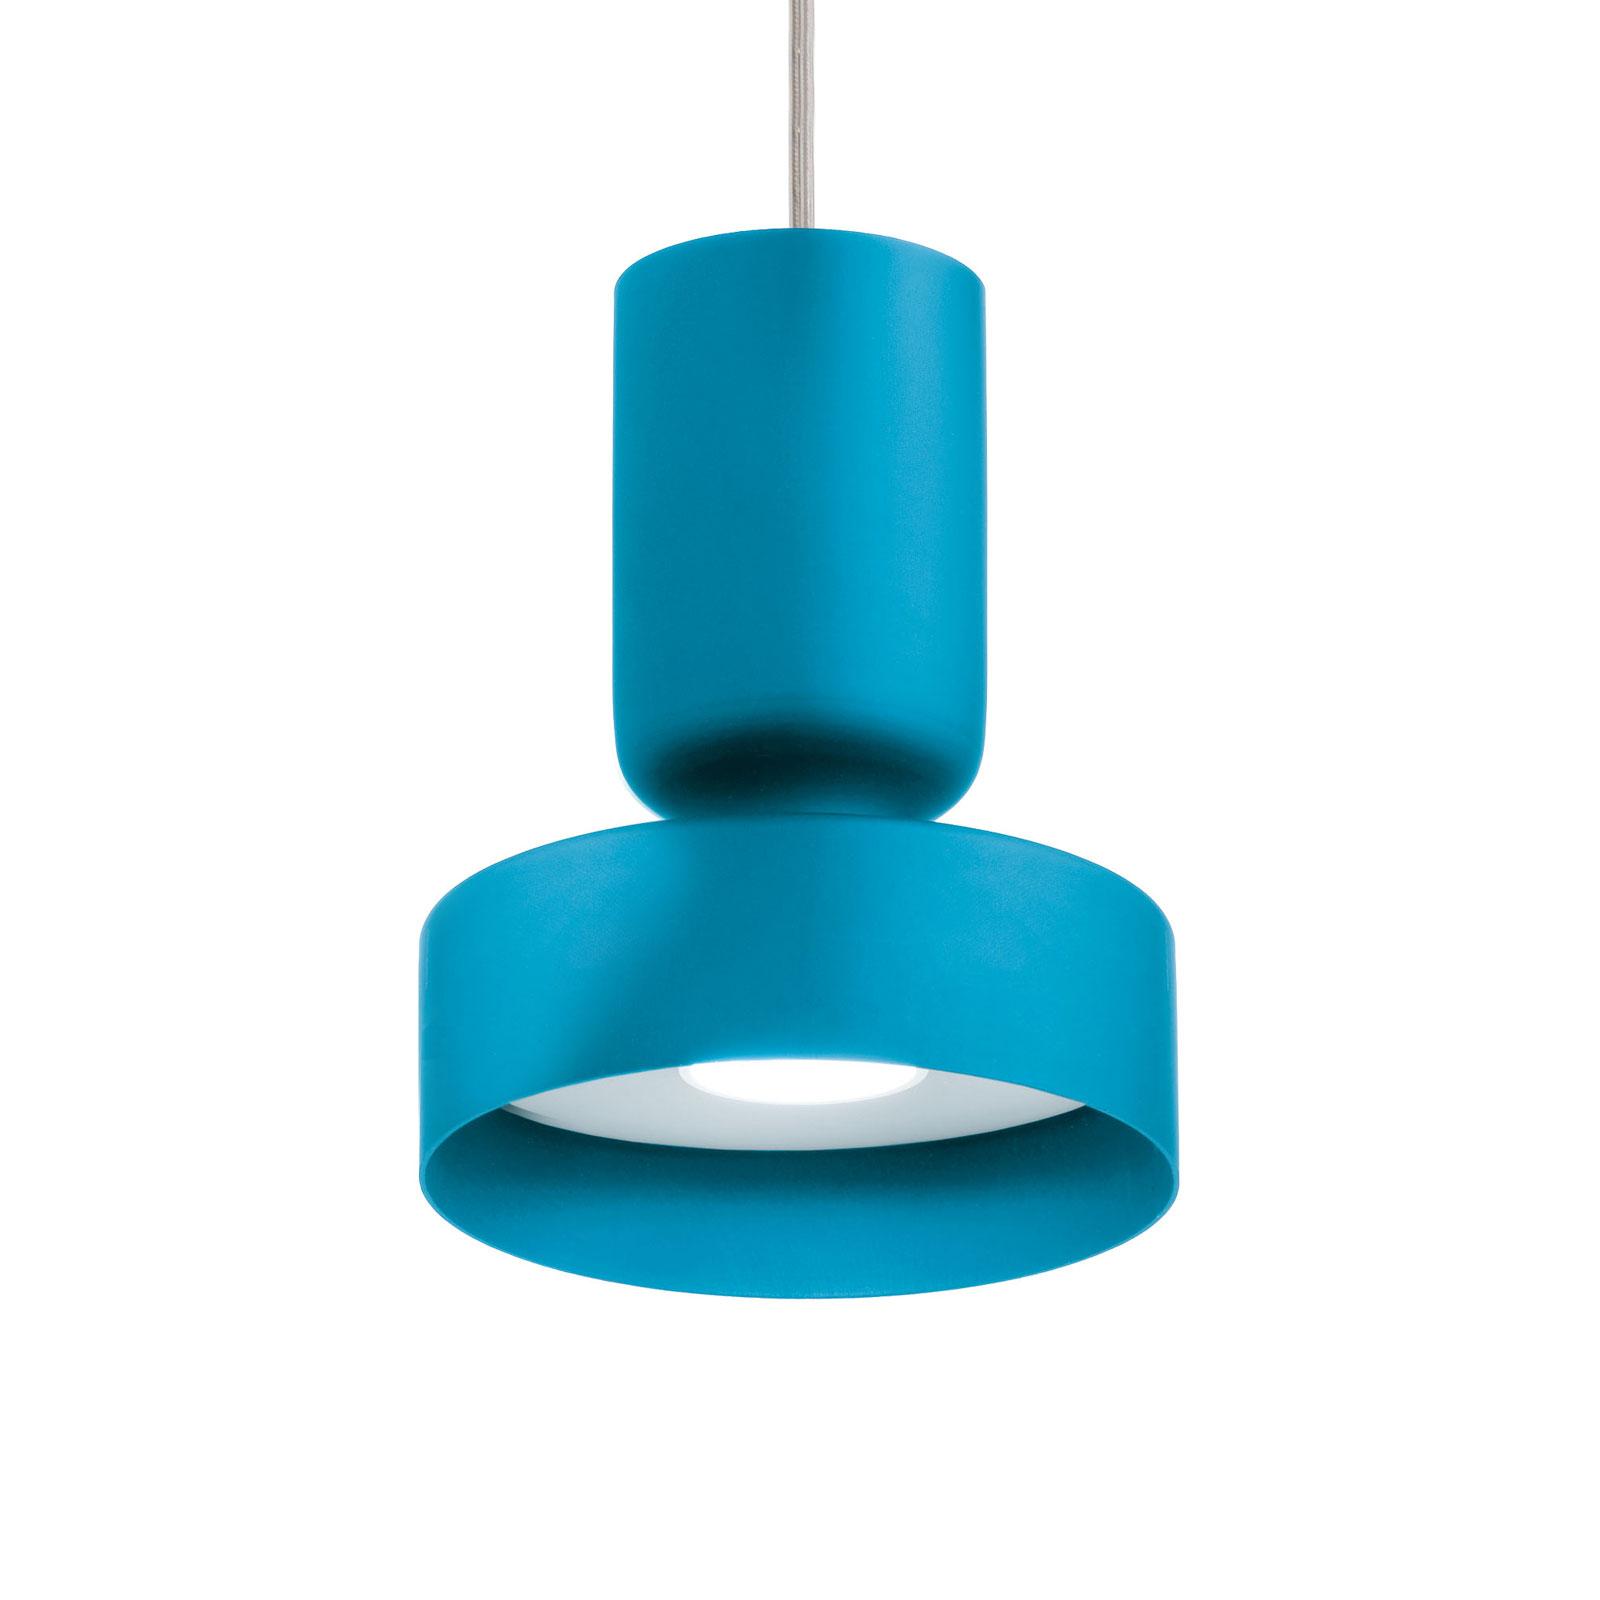 Modo Luce Hamer hanglamp Ø 15 cm turquoise